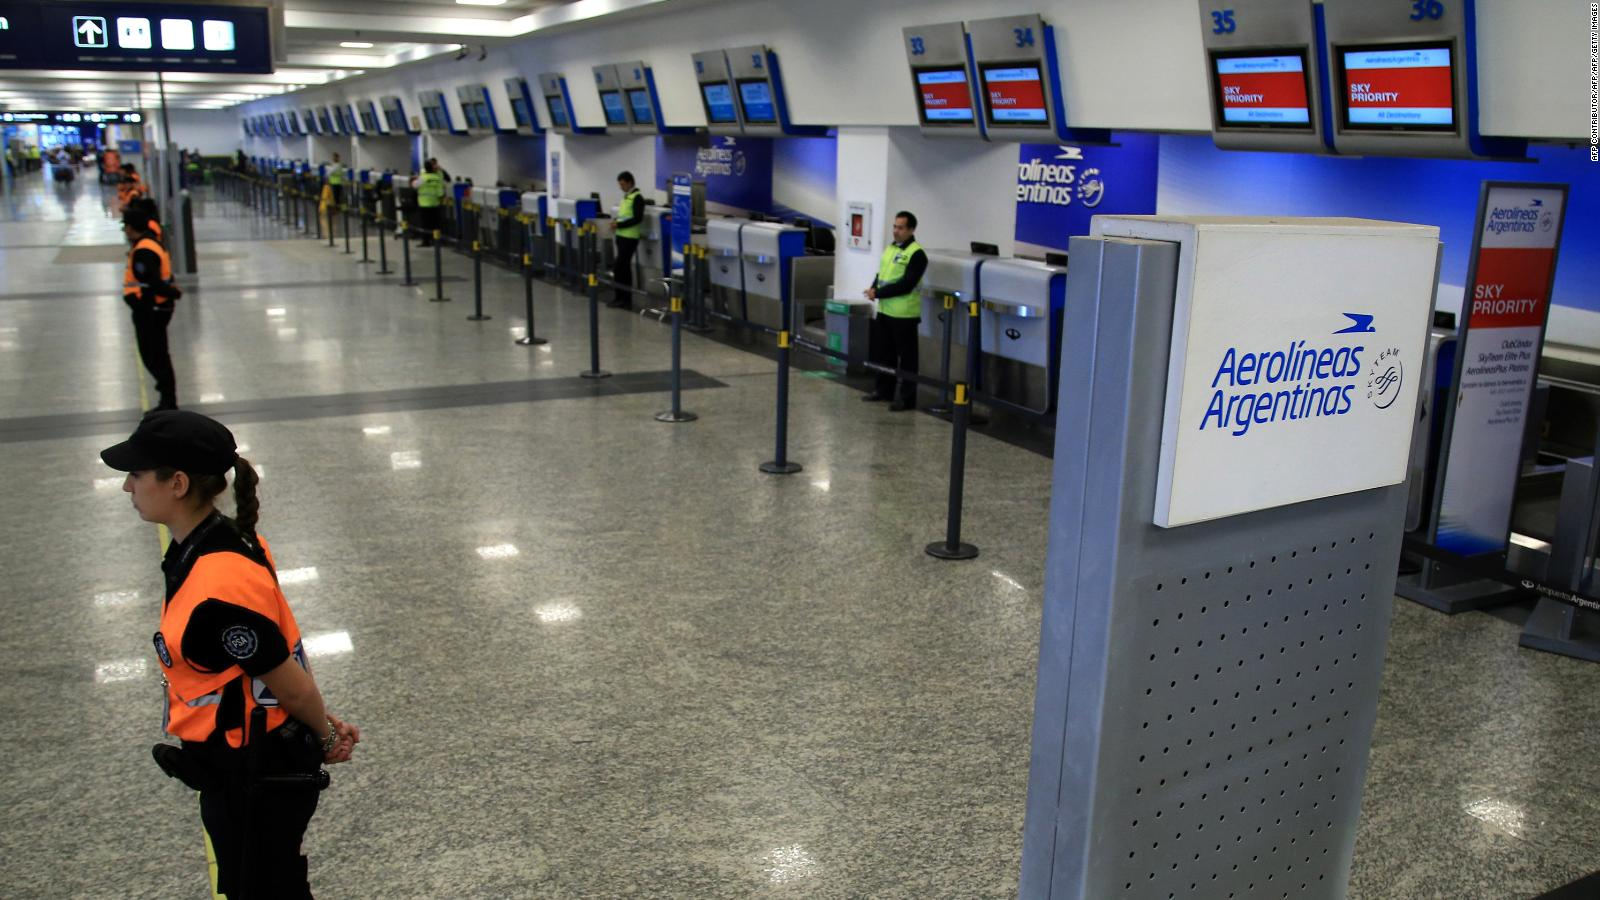 ¿Por qué se cancelaron los vuelos de Aerolíneas Argentinas?